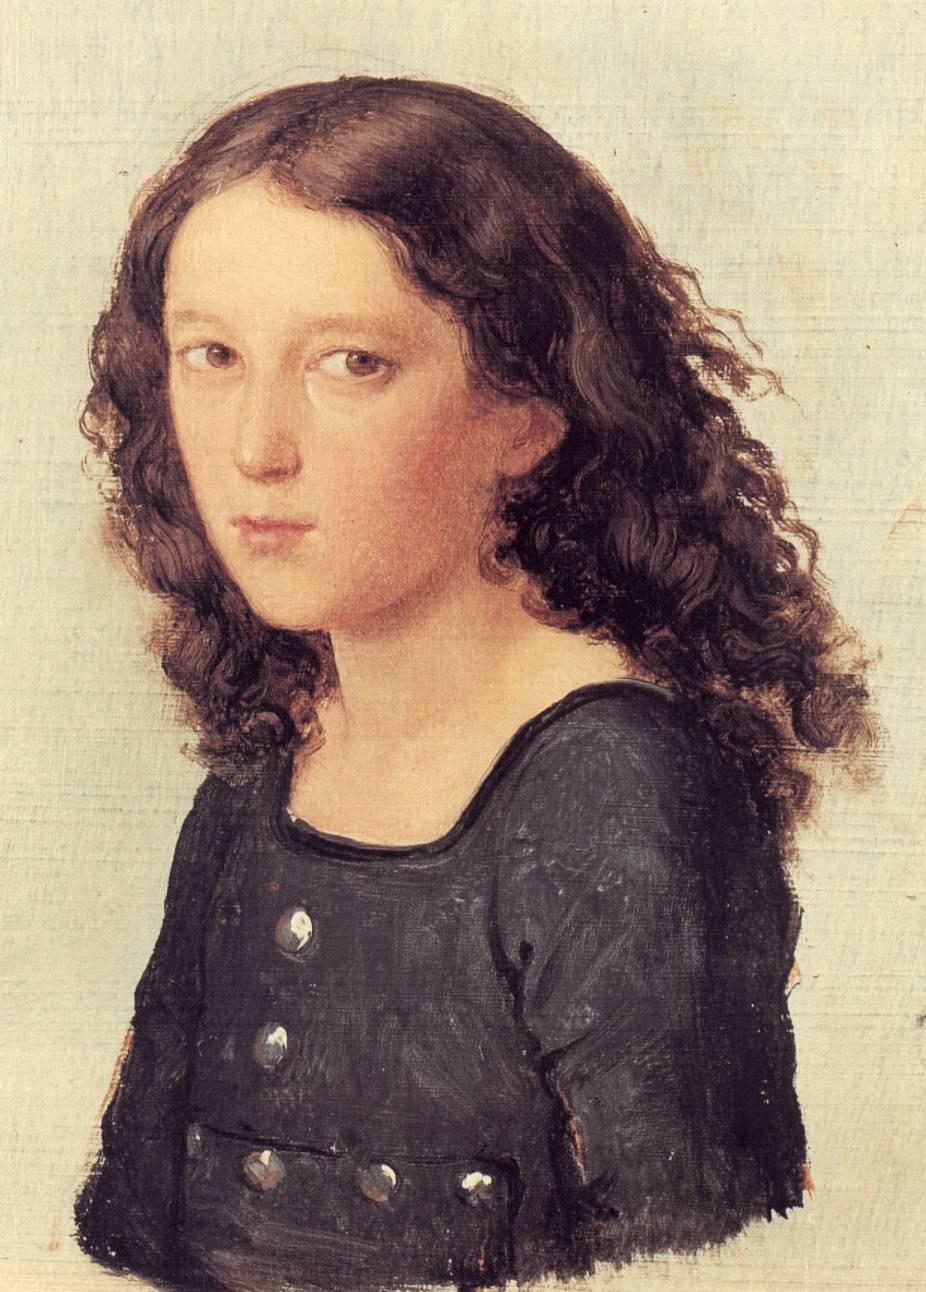 Mendelssohn Bartholdy 1821